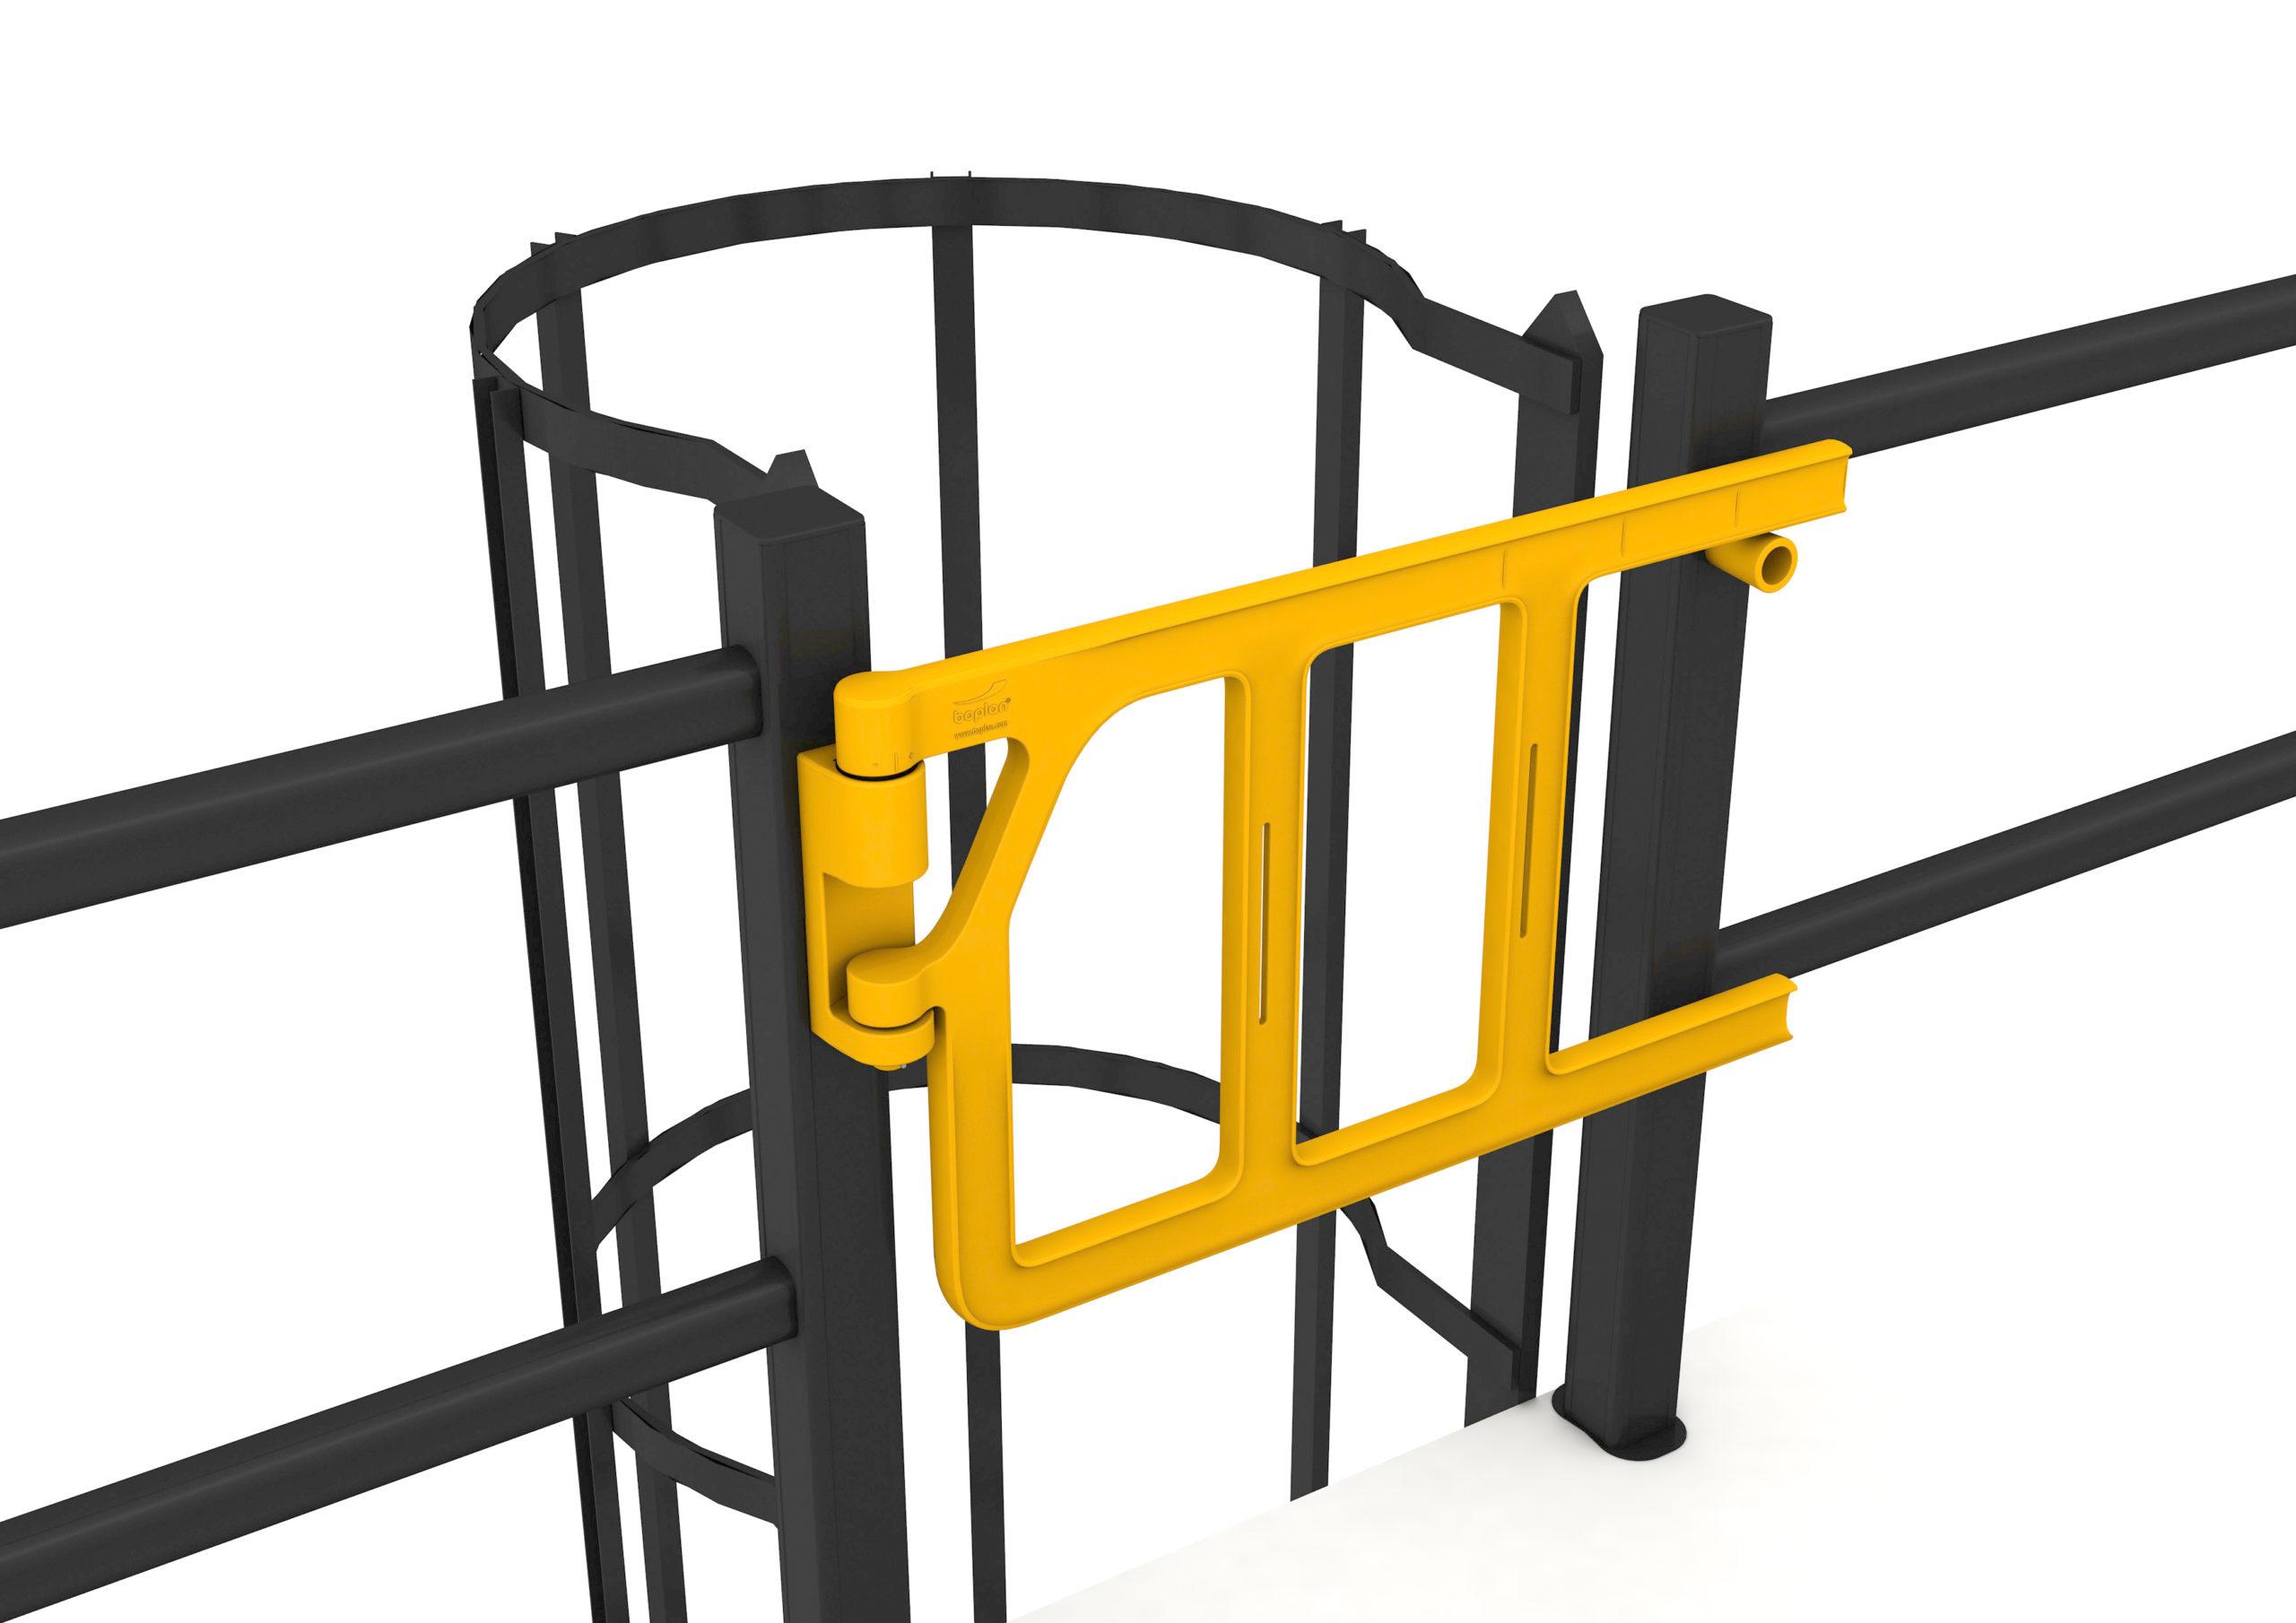 Axes Gate: Cancelli di sicurezza per la protezione dalle cadute